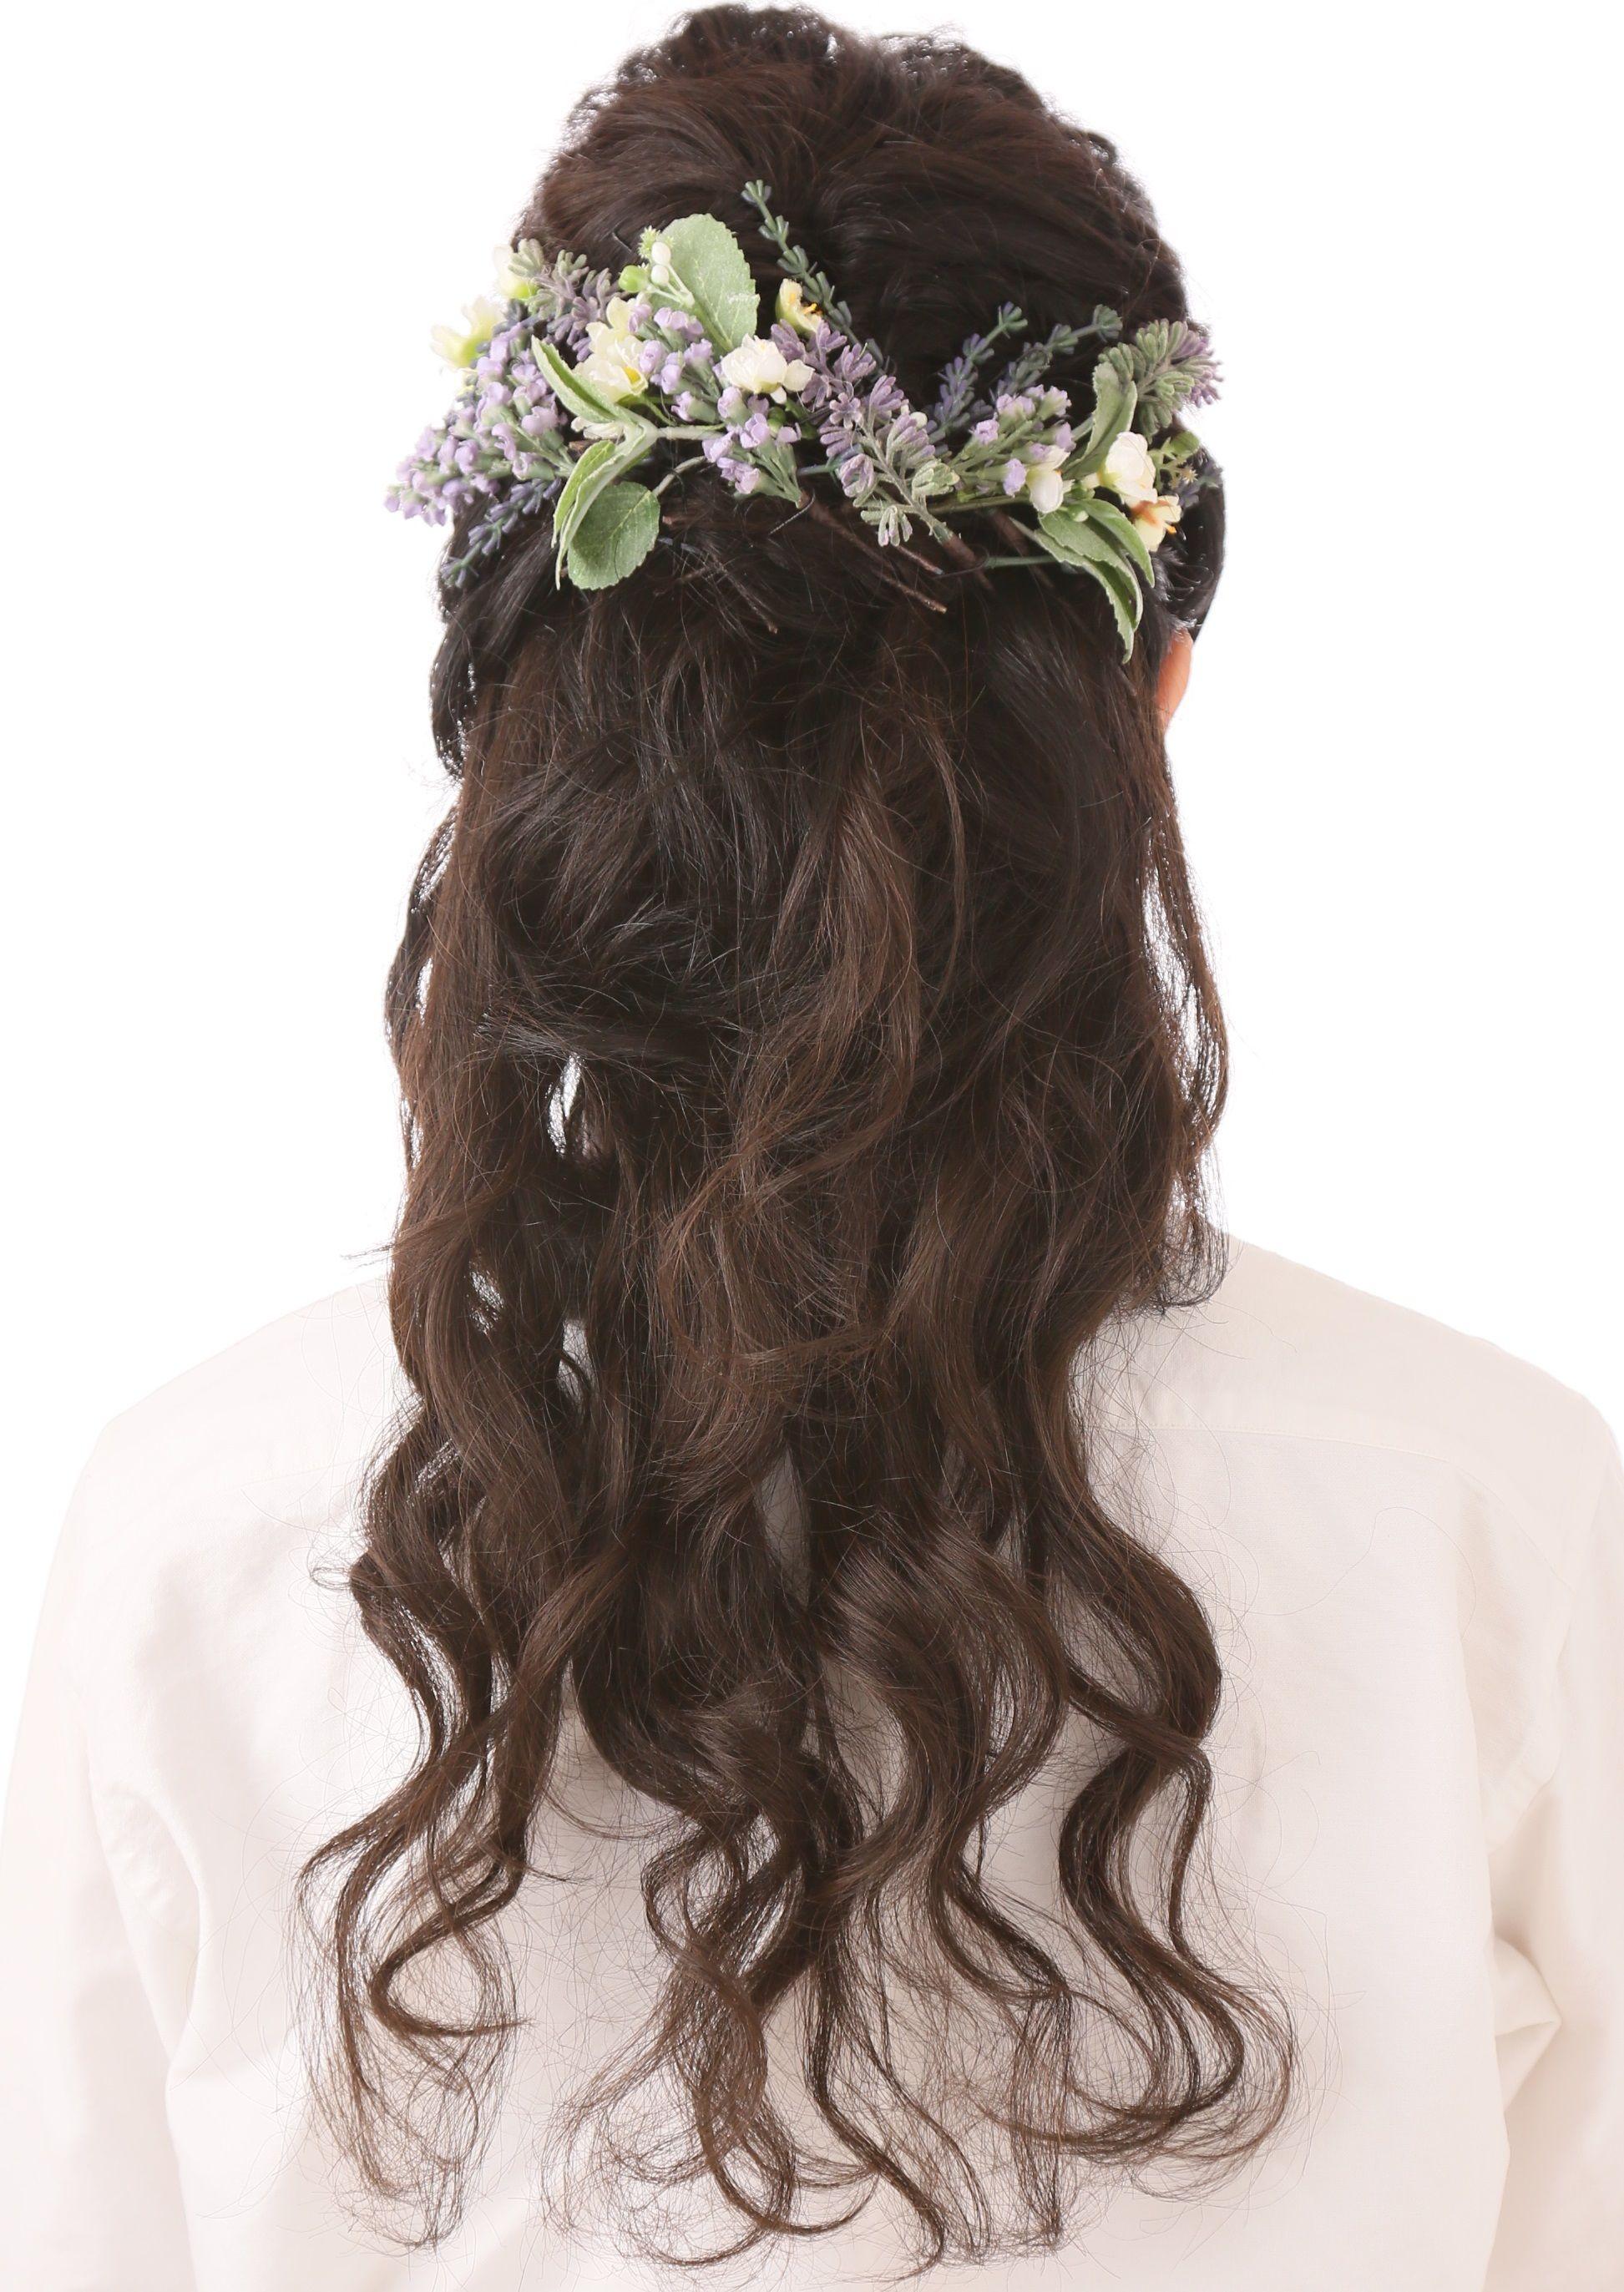 爽やかな風を感じるラベンダーとグリーン&小花のヘッドドレス~English garden~